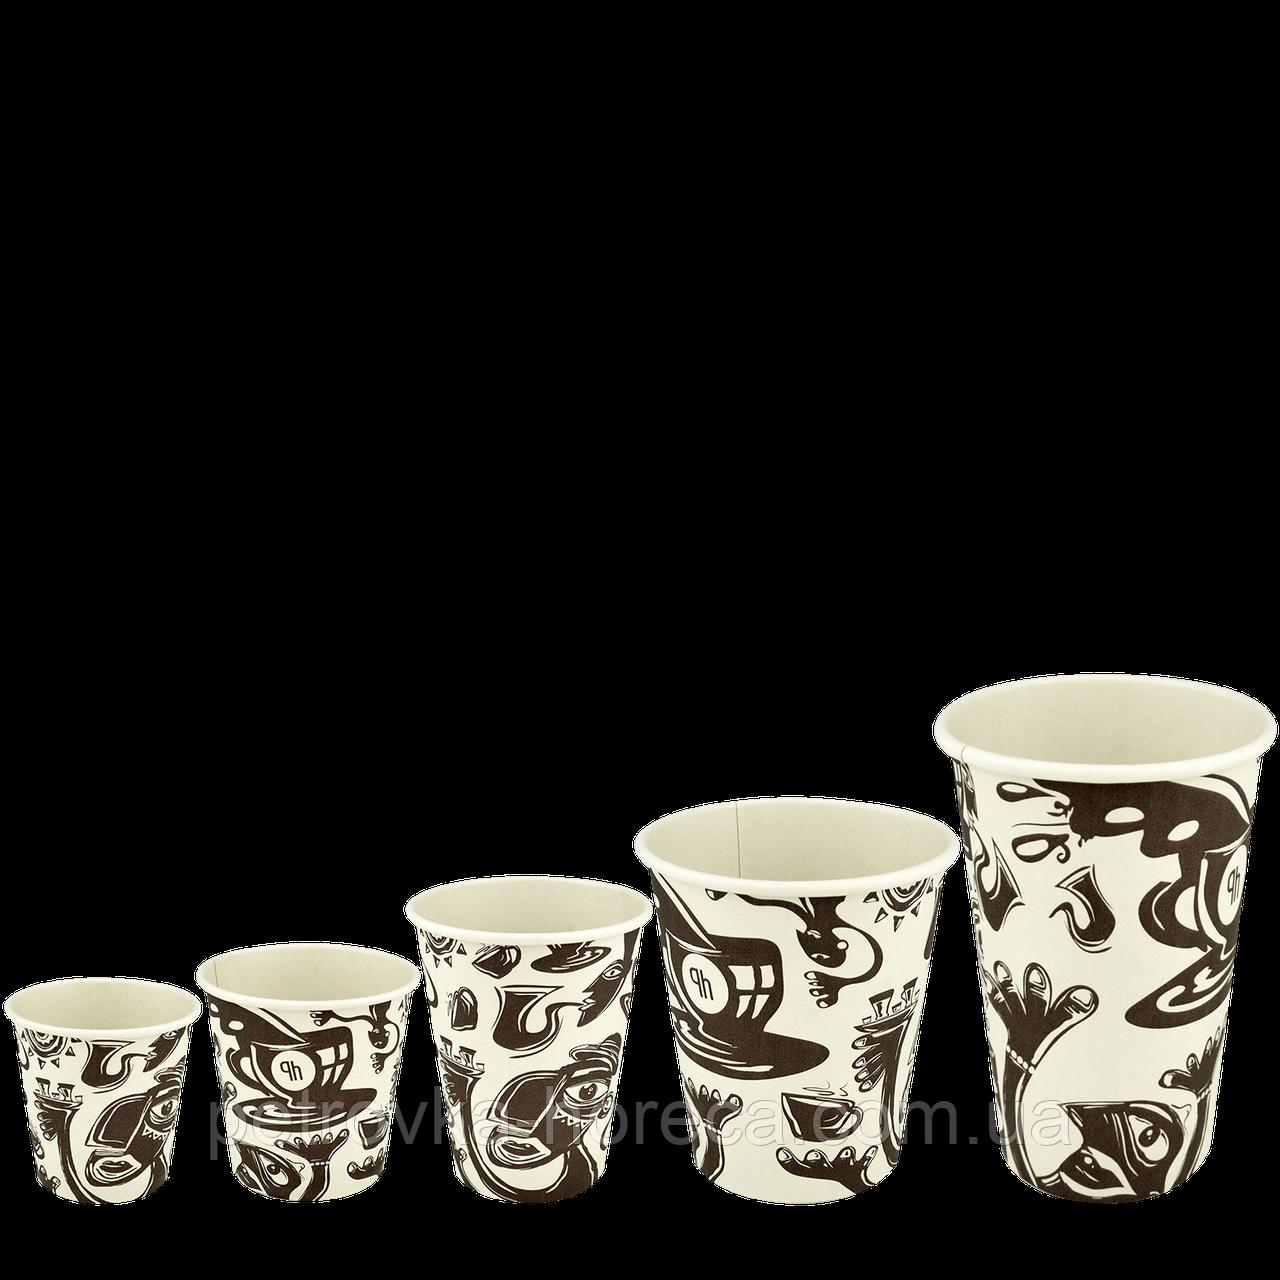 Интернет-магазин «Petrovka HoReCa» — качественные бумажные стаканчики и другая продукция для кофейни